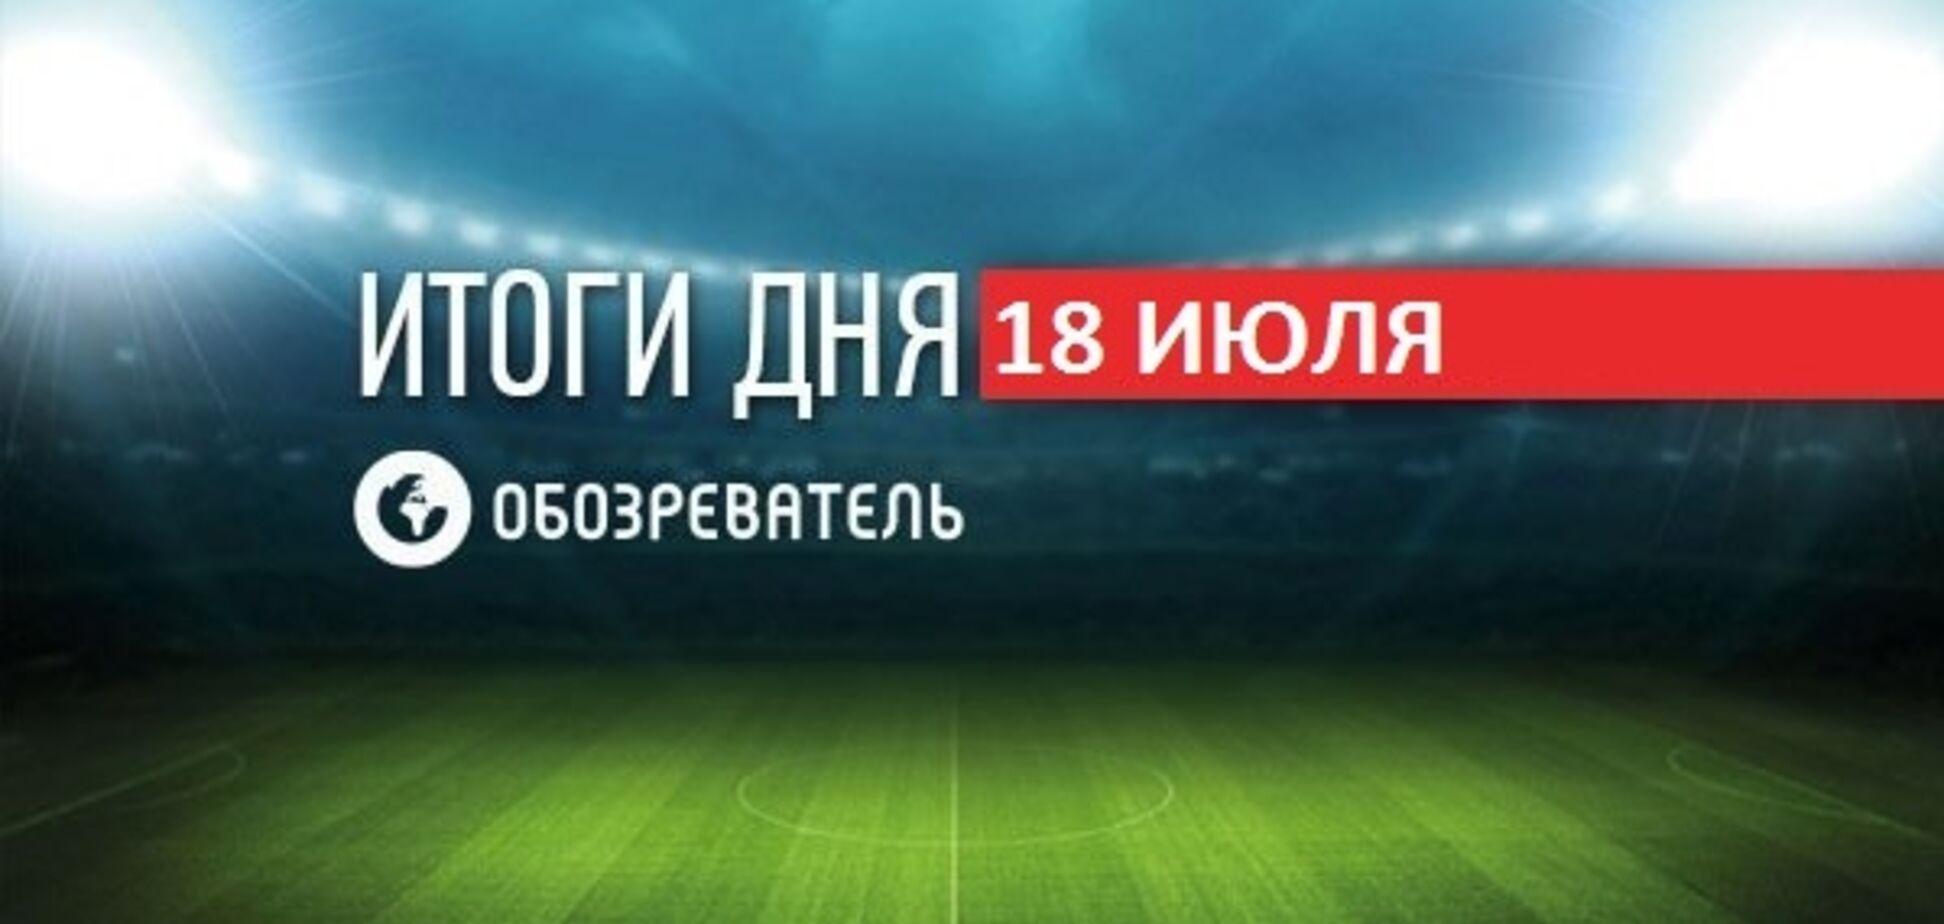 Сеть взволновало фото Ломаченко с Зеленским: спортивные итоги 18 июля